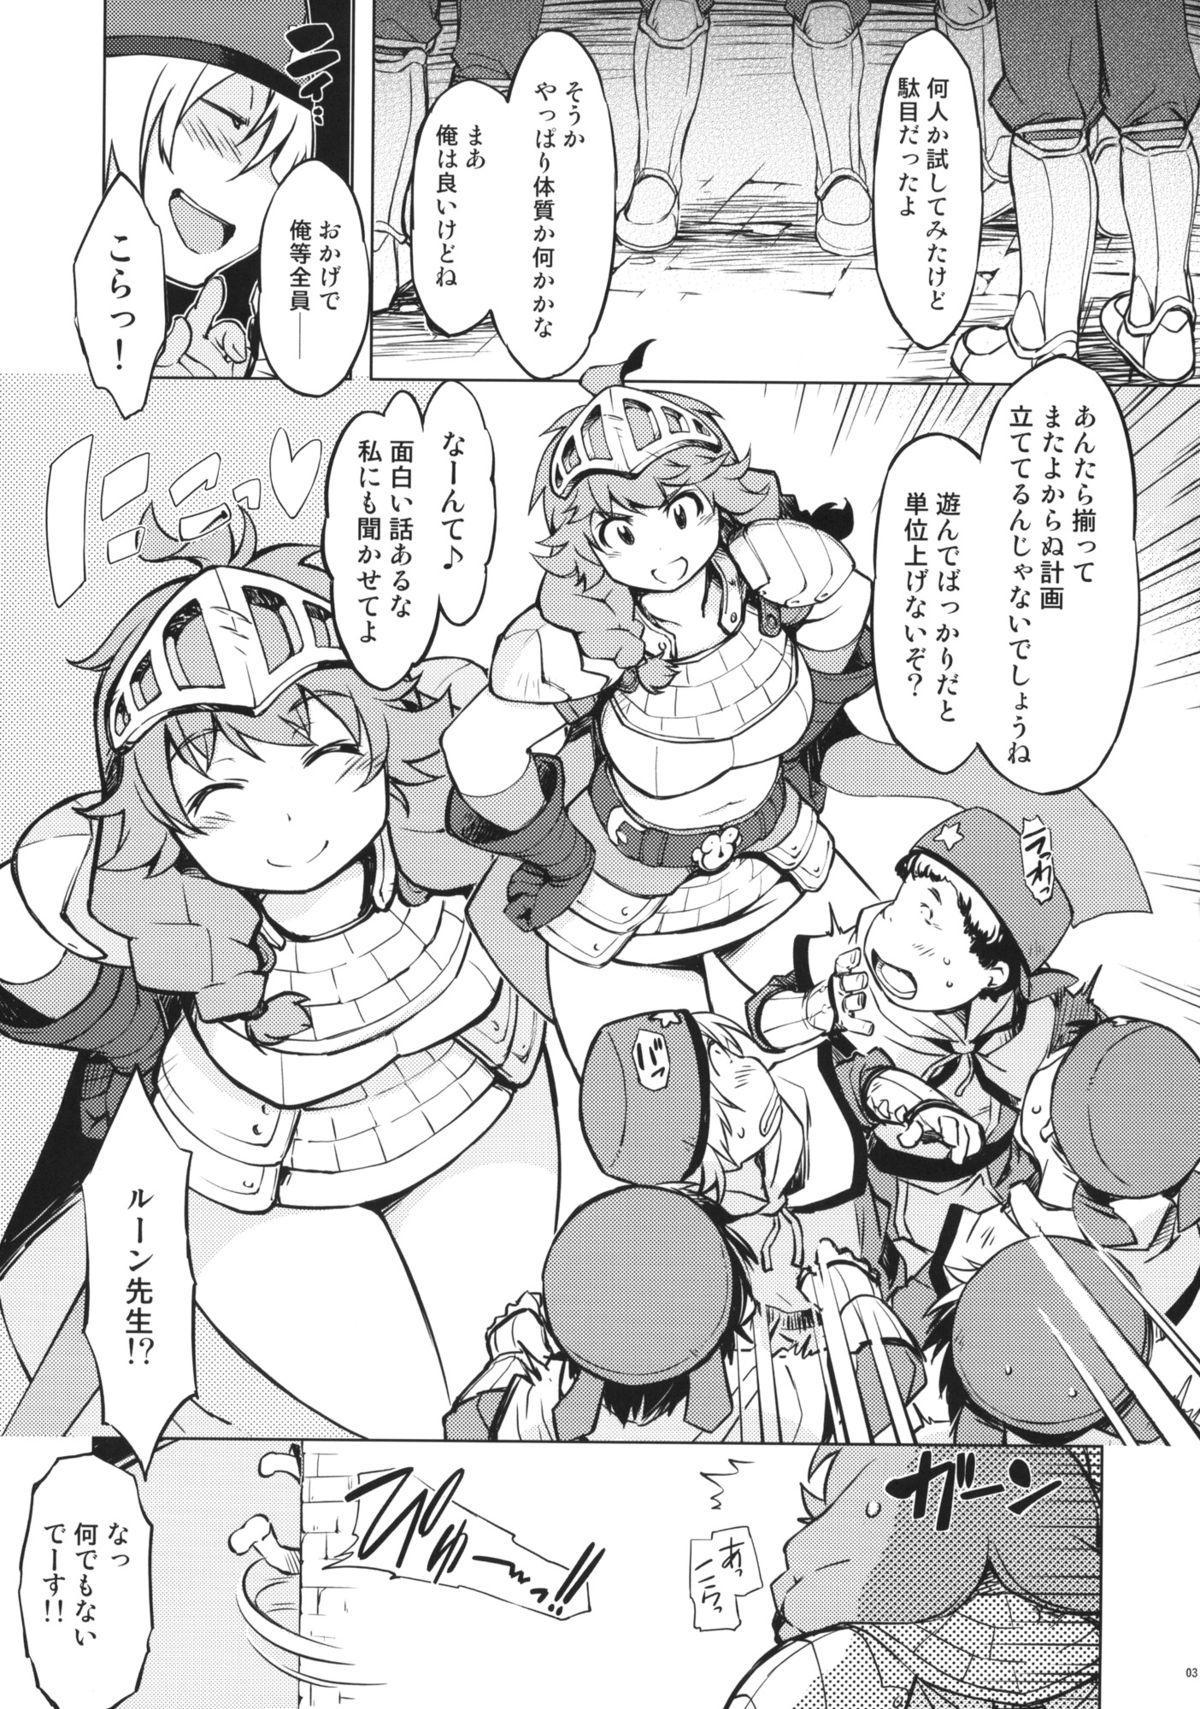 Onemuri Rune Sensei 1